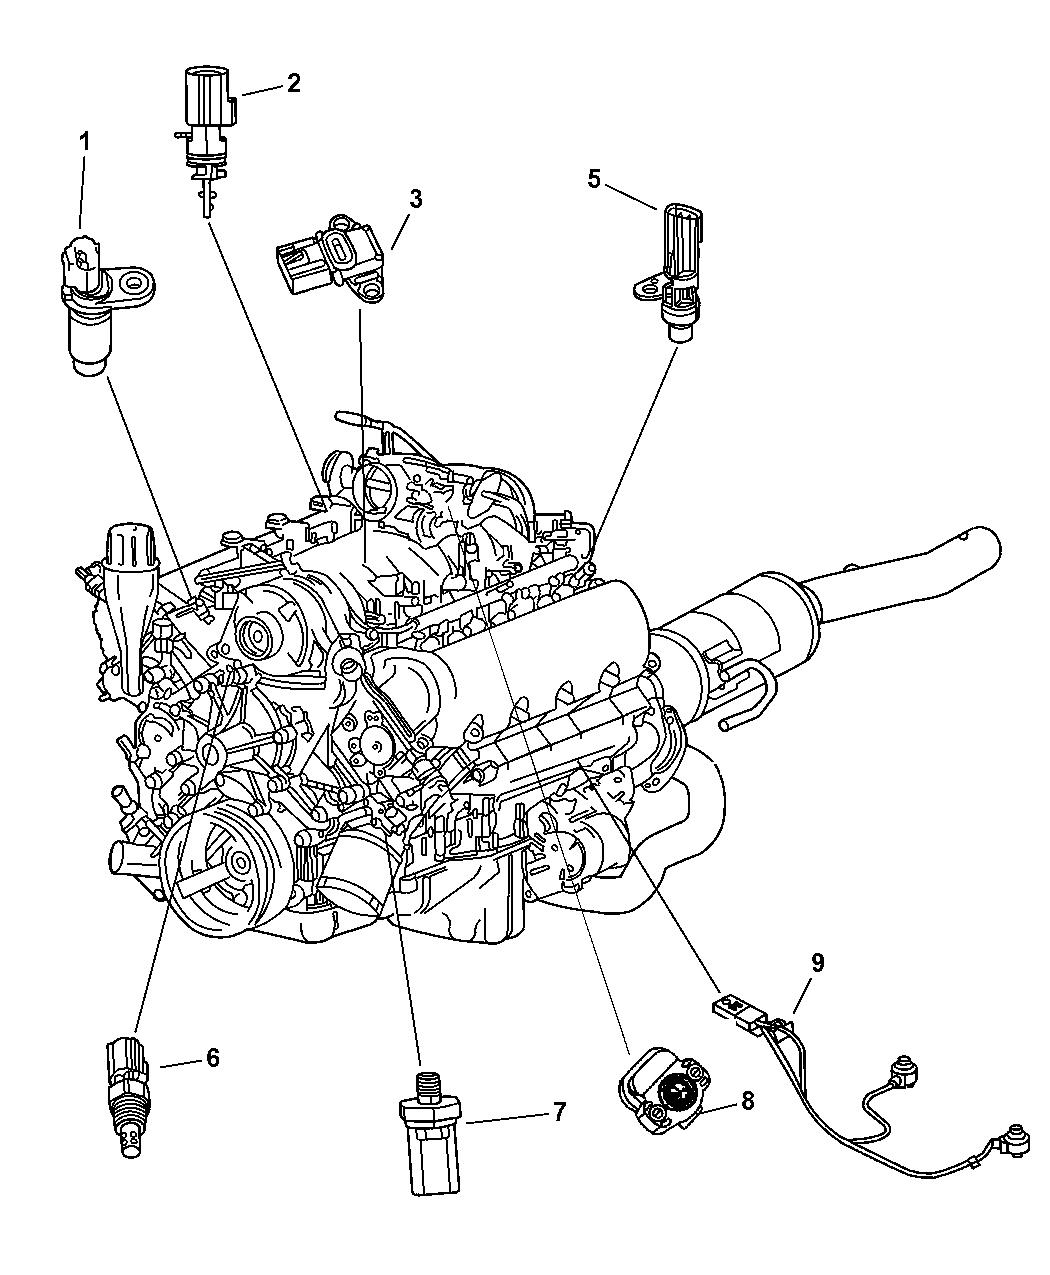 2004 dodge durango sensors engine mopar parts giant 2004 dodge durango 4.7 engine diagram 2004 dodge durango engine diagram #2